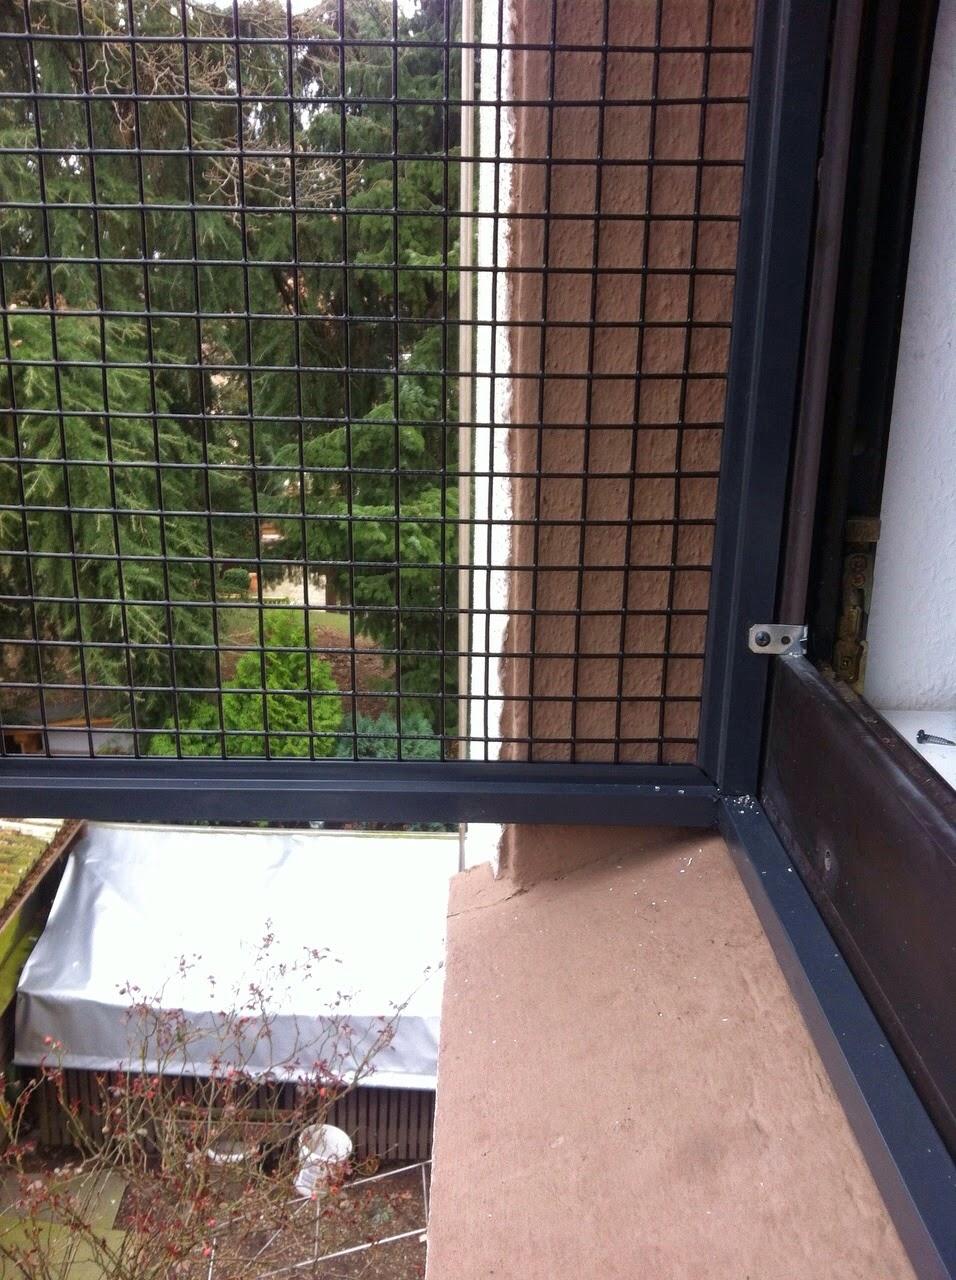 katzennetz nrw die adresse f r ein katzennetz katzenbalkon das fenster freigehege f r katzen. Black Bedroom Furniture Sets. Home Design Ideas